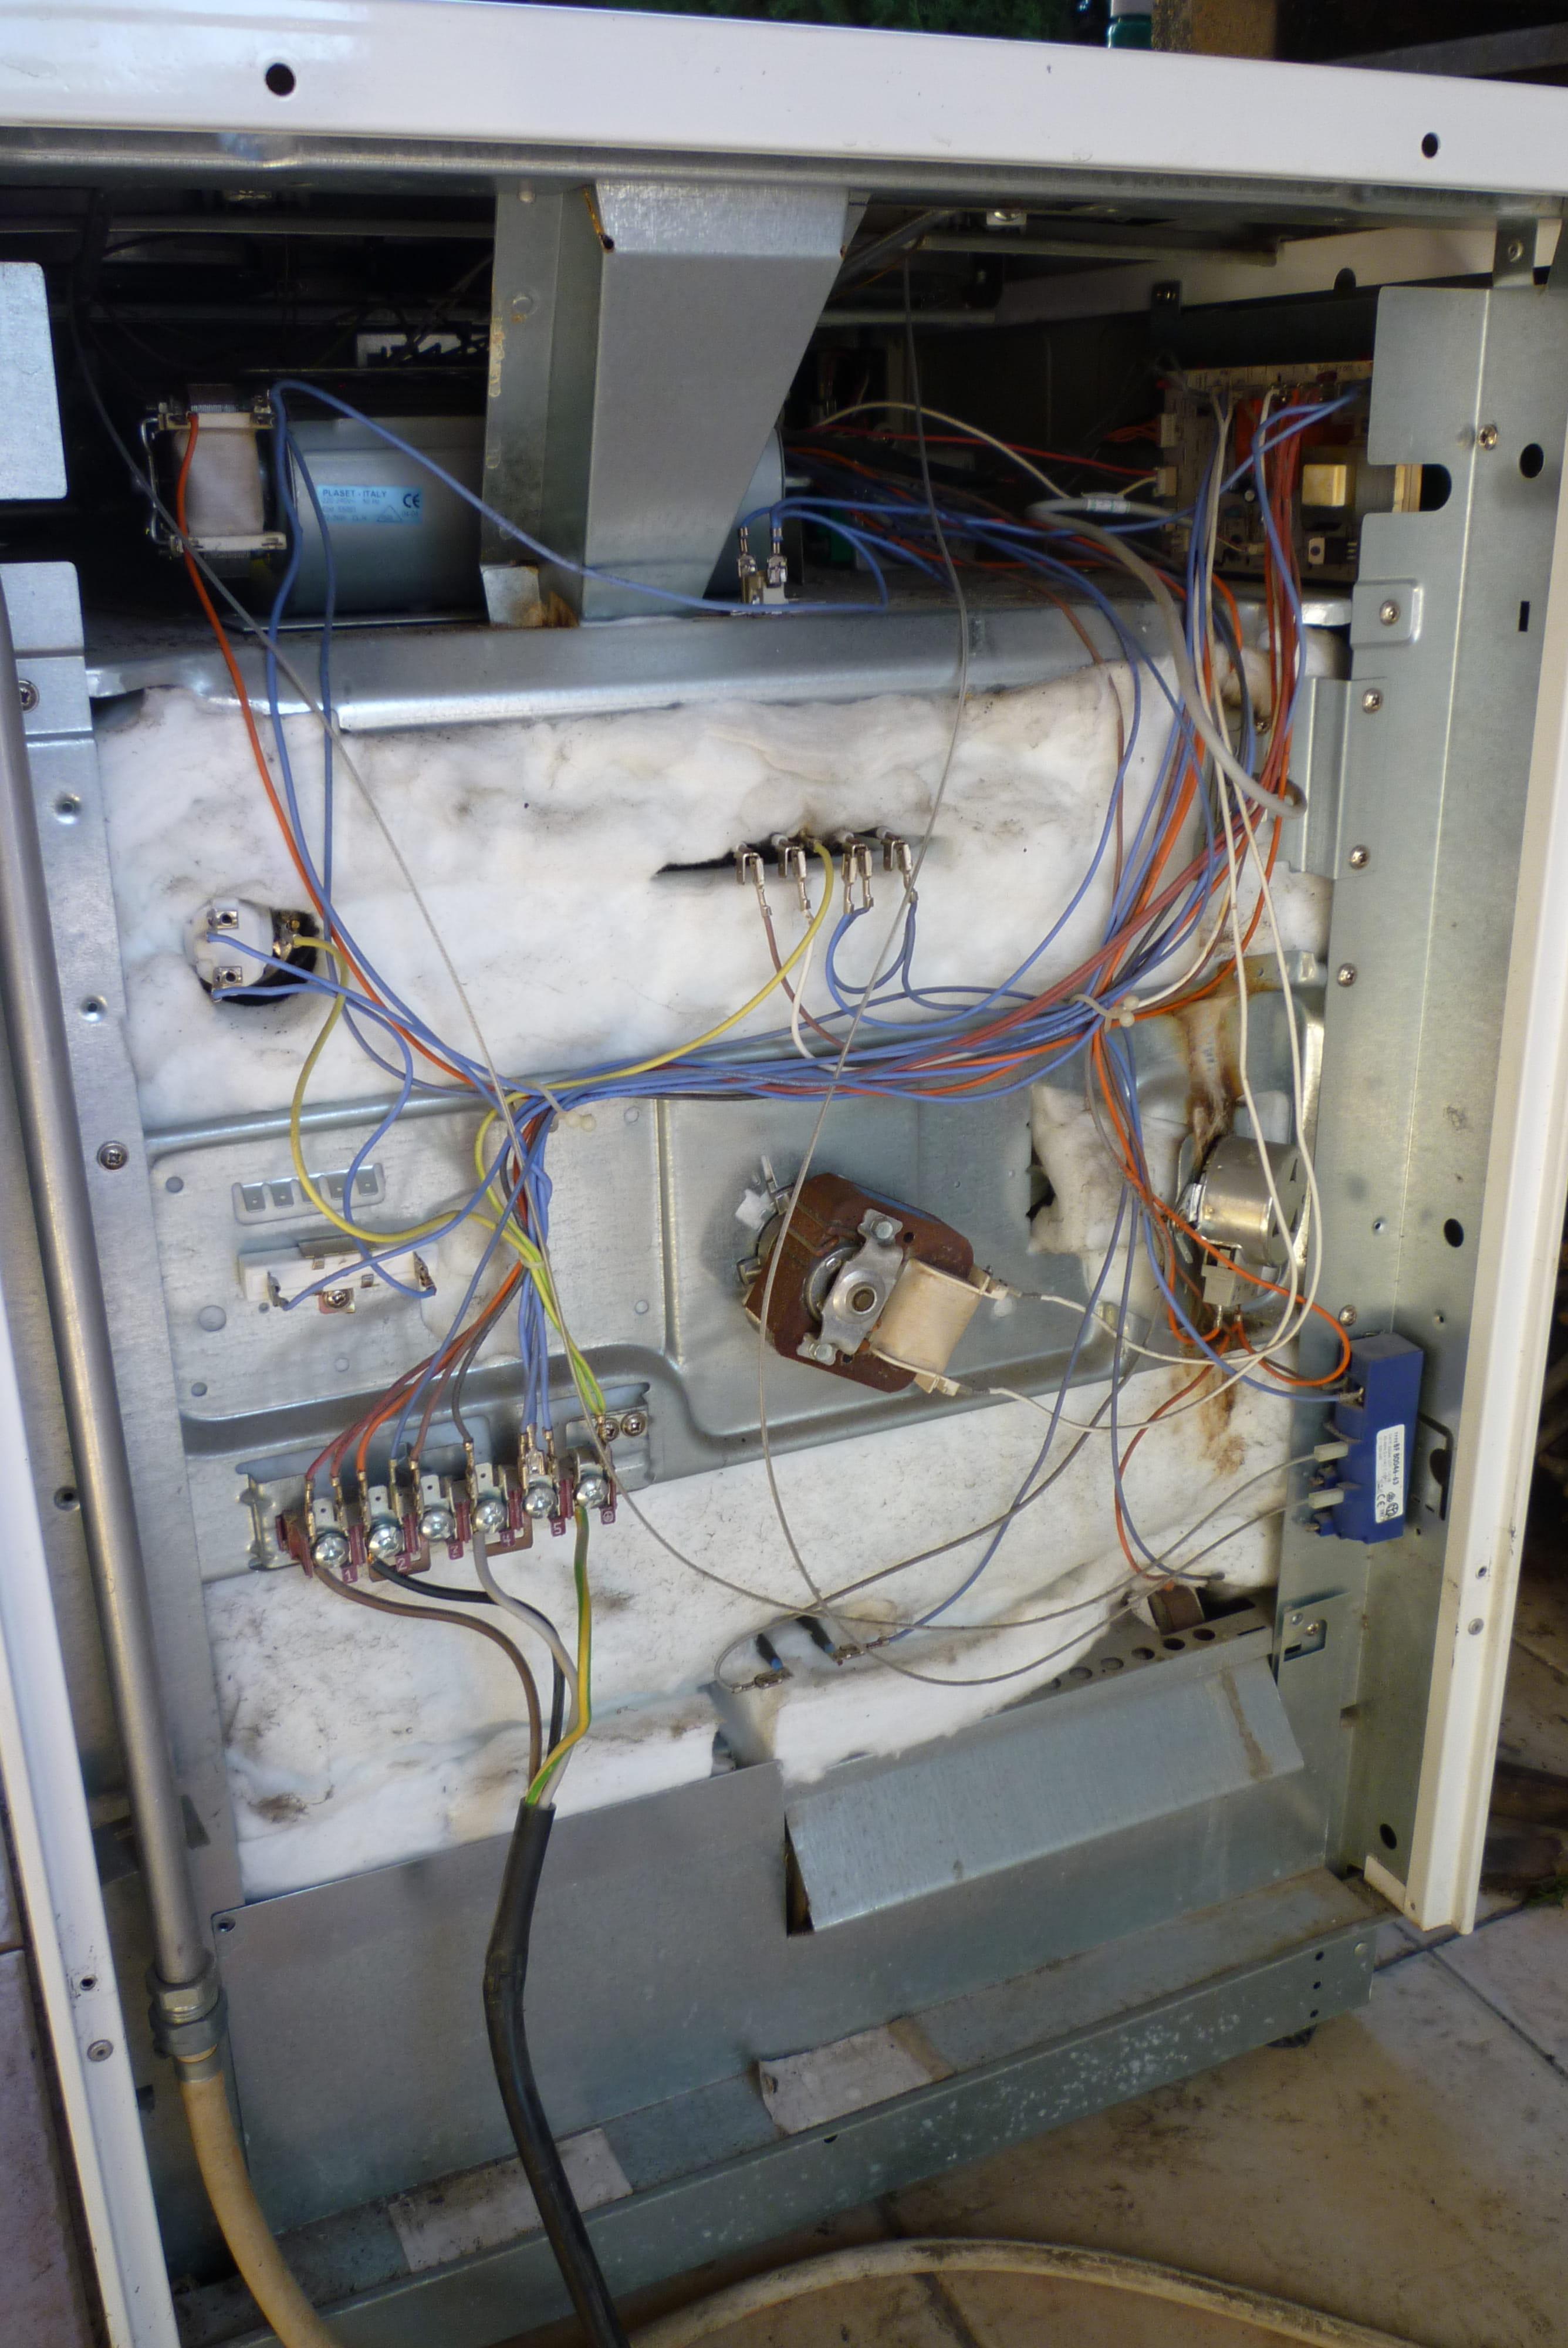 Demonter Plaque De Cuisson Electrique comment démonter la façade d'une cuisinière arthur martin